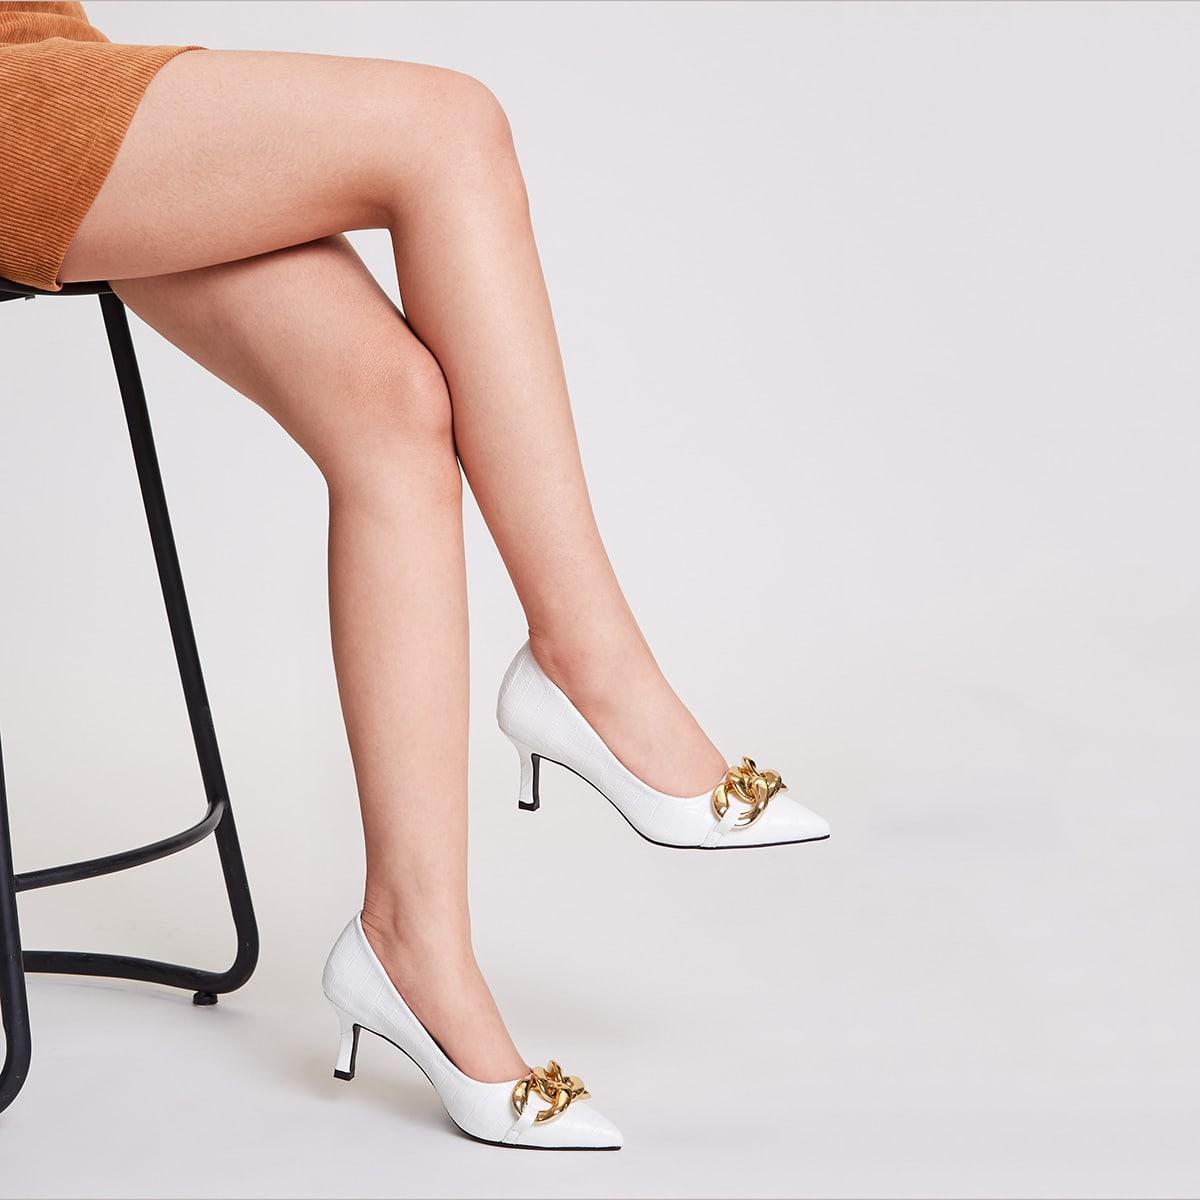 Остроконечные туфли на каблуке с цепочкой